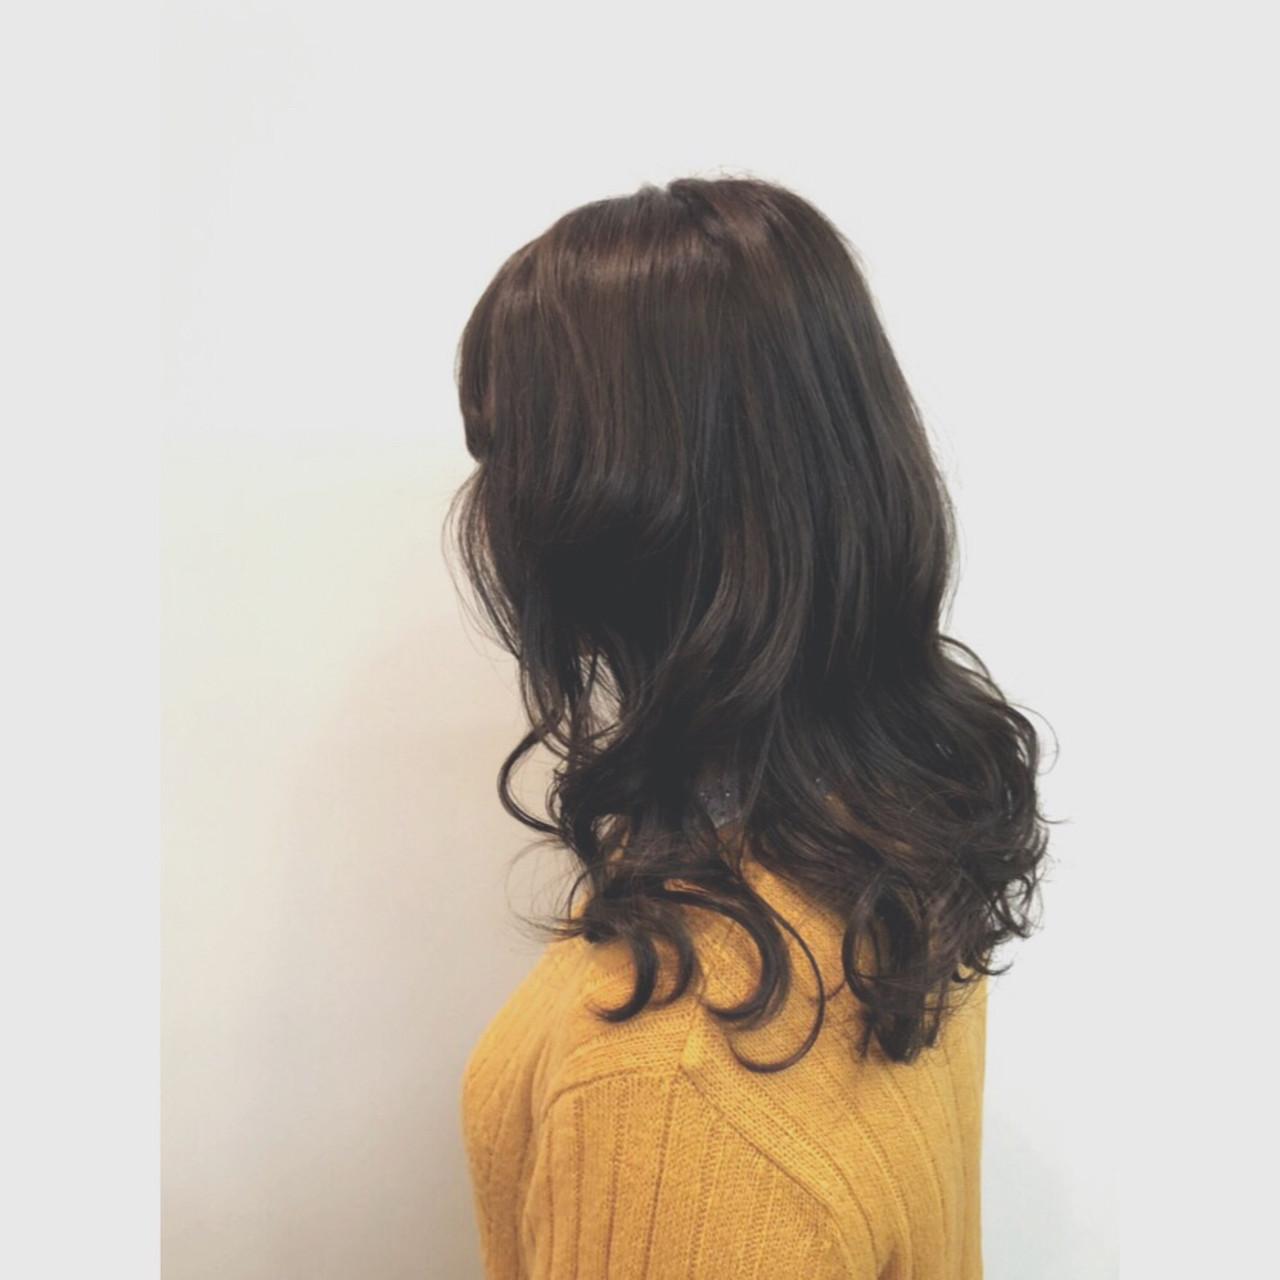 アッシュ ゆるふわ 暗髪 アンニュイほつれヘア ヘアスタイルや髪型の写真・画像